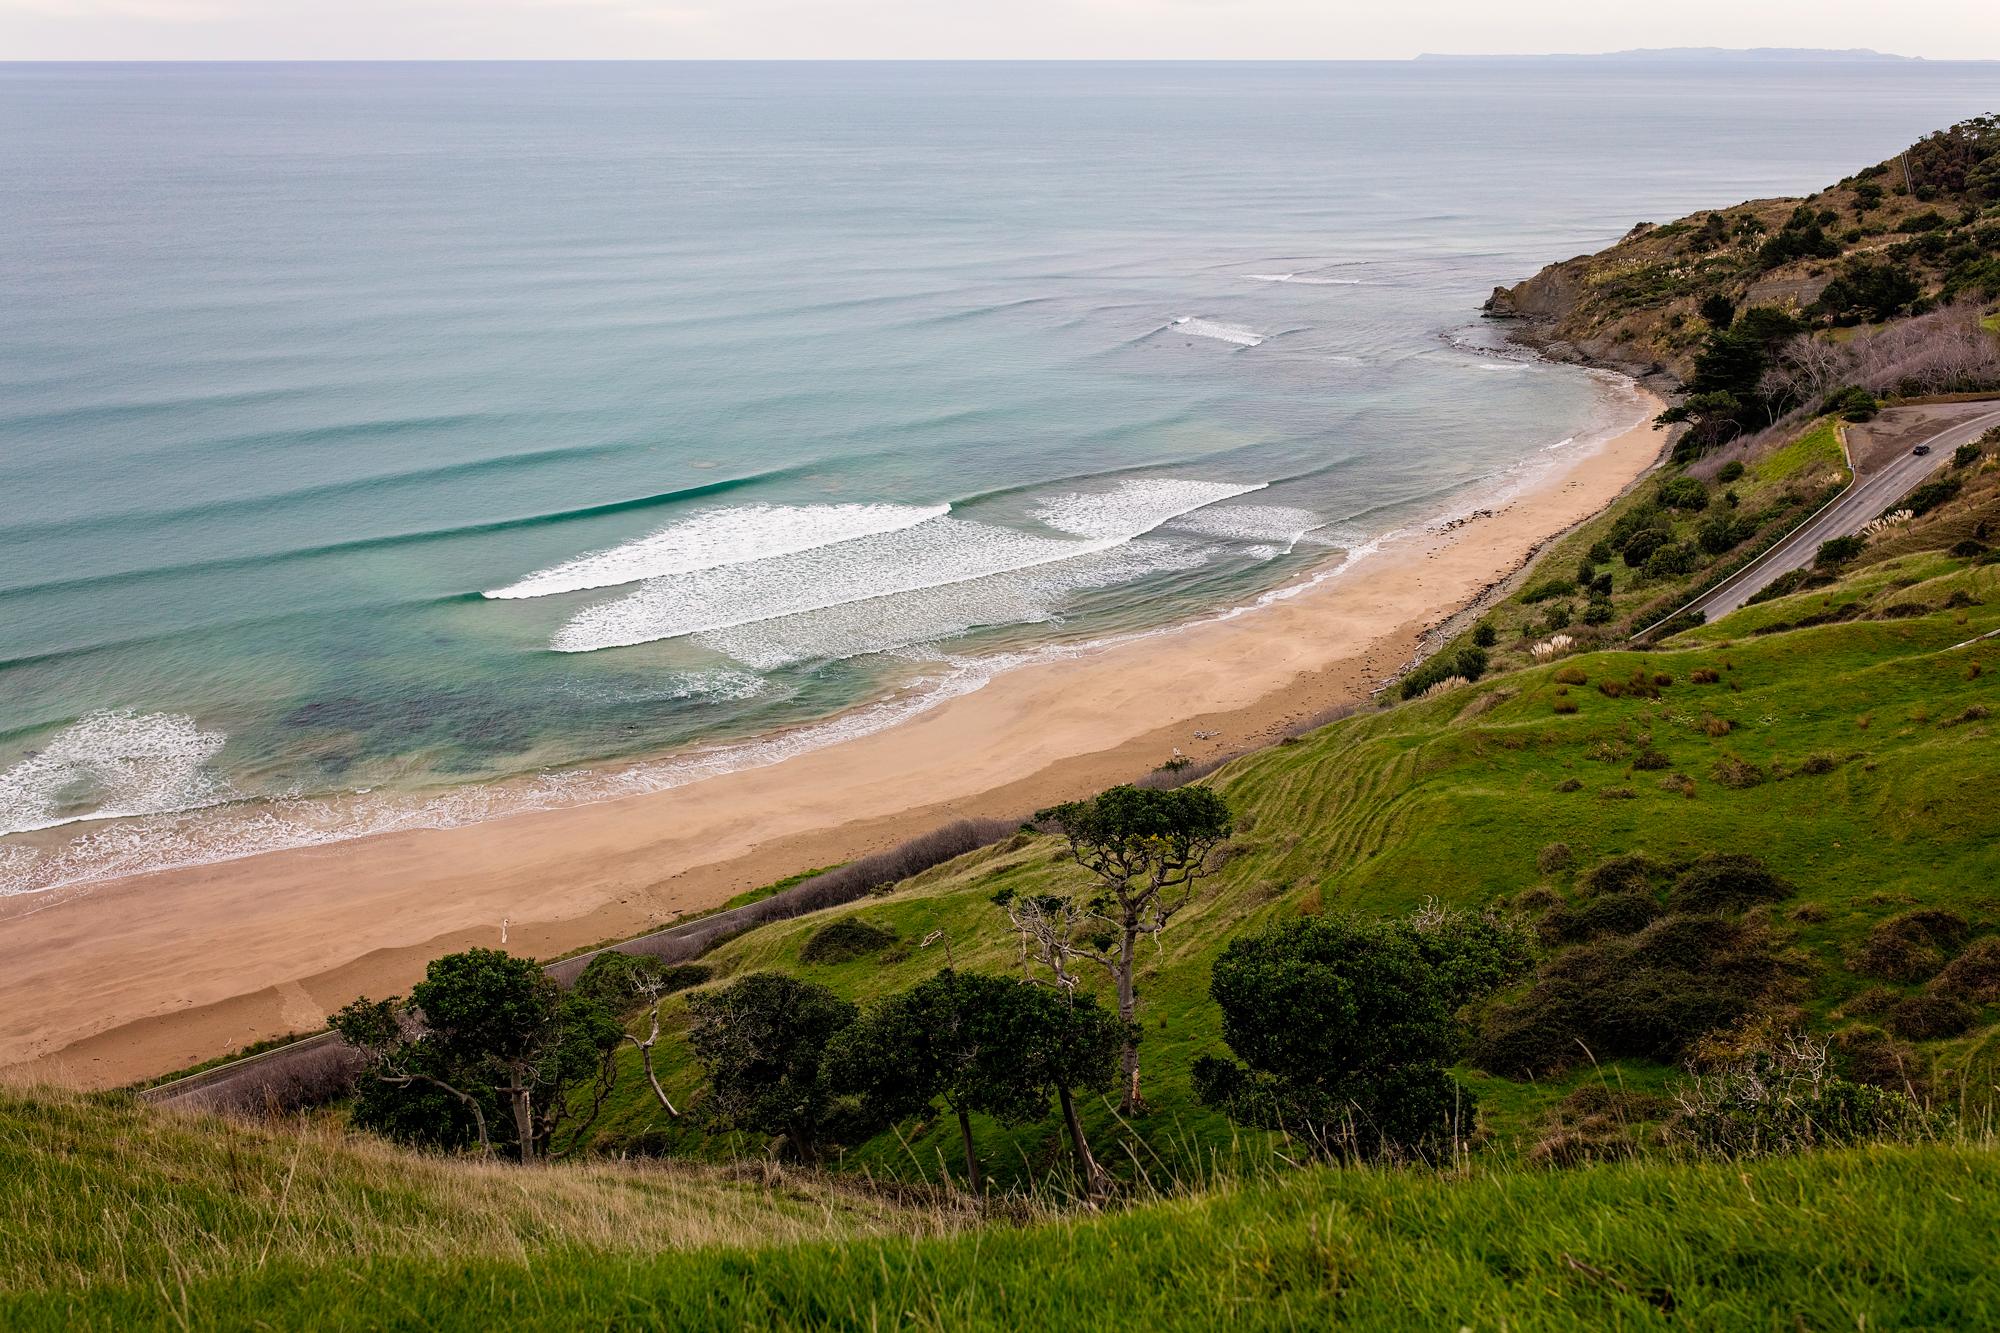 Nouvelle-Zélande - Plage Surf